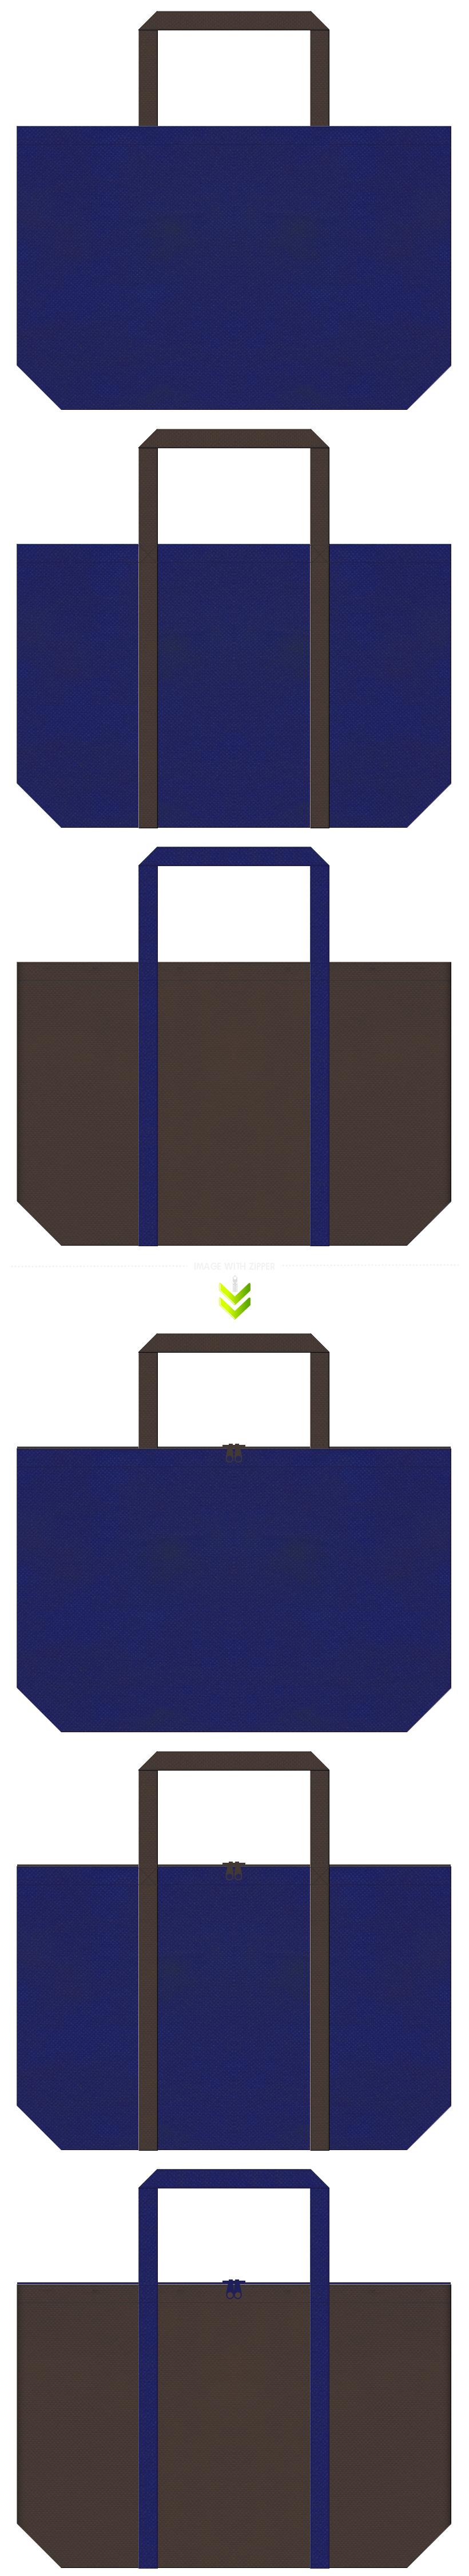 廃屋・地下牢・迷路・ホラー・ミステリー・ミステリー・ホラー・ACT・STG・FTG・ゲームの展示会用バッグにお奨めの不織布バッグデザイン:明るい紺色とこげ茶色のコーデ